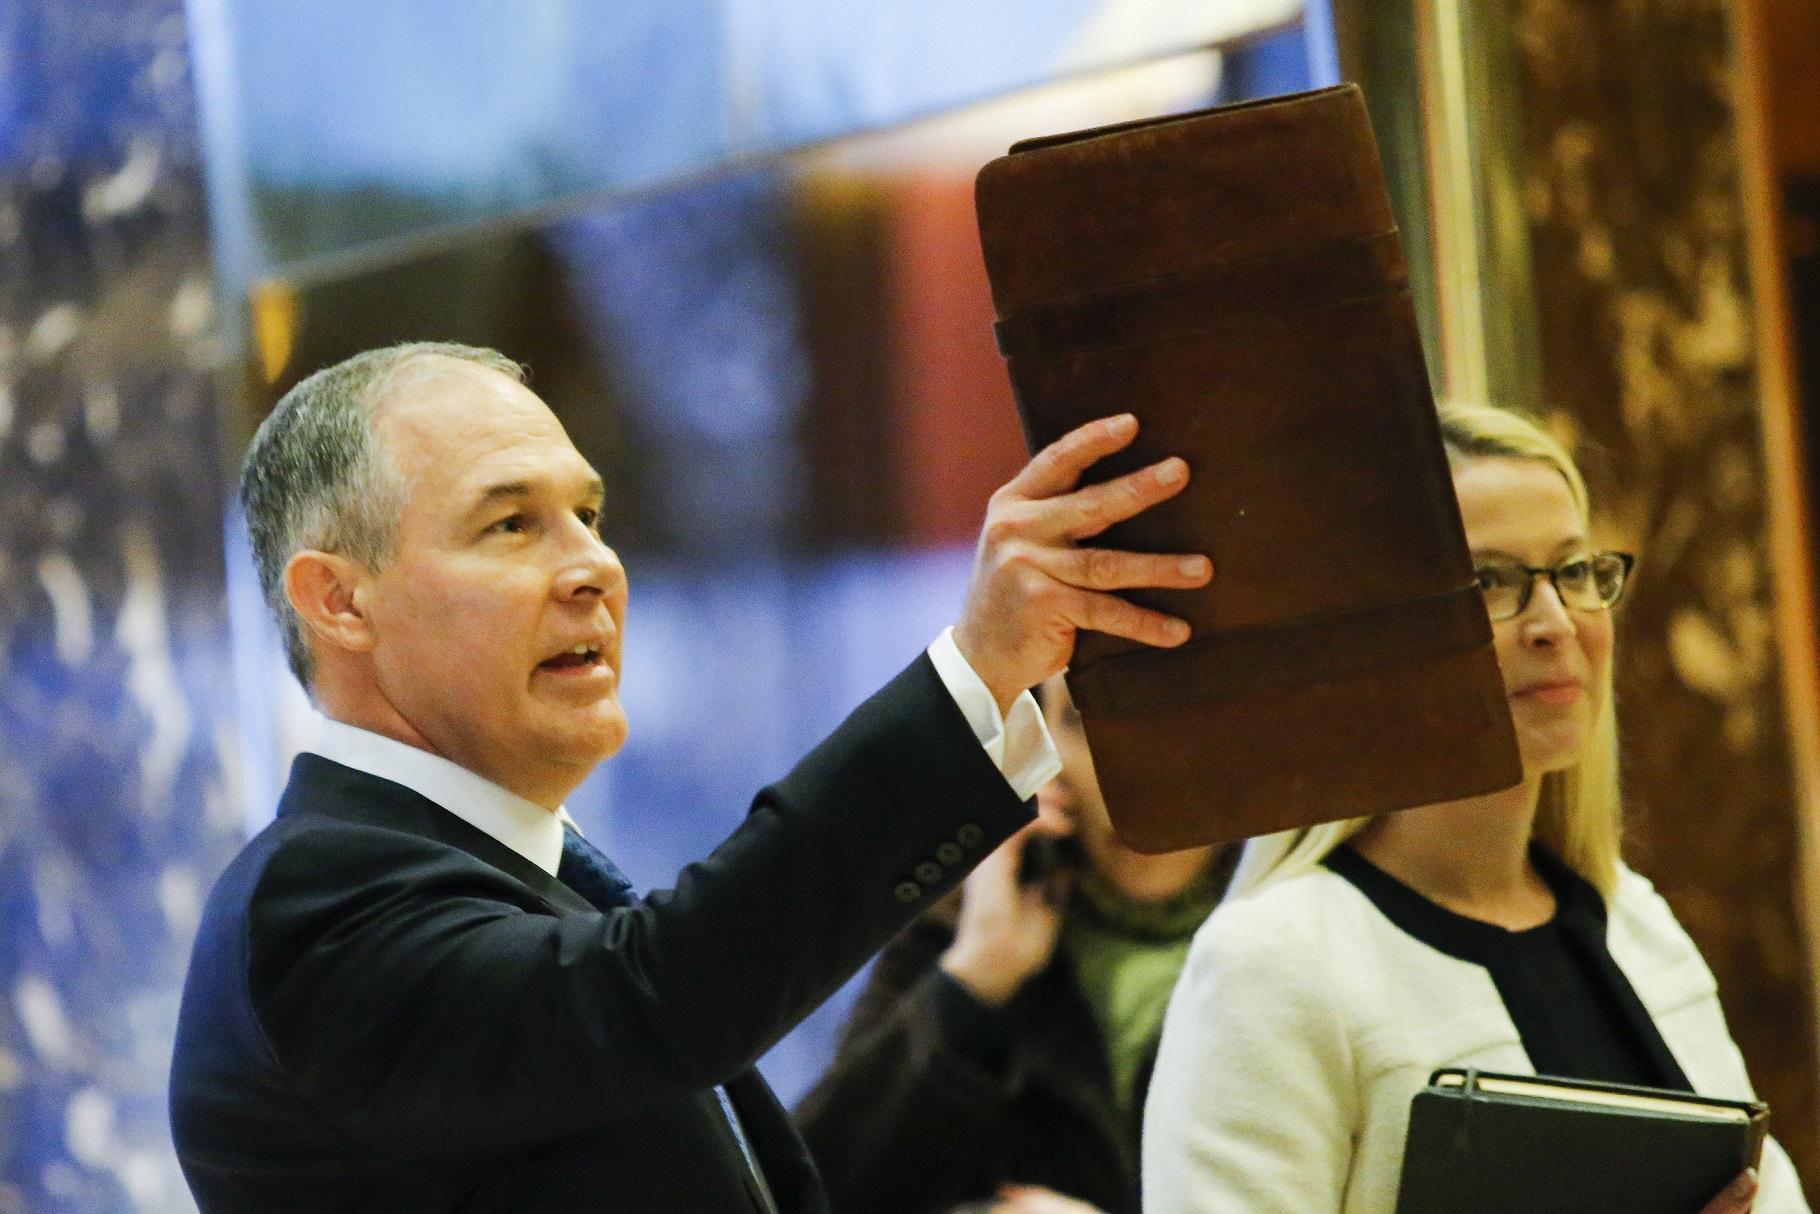 A indicação do procurador geral de Oklahoma, Scott Pruitt, como chefe da EPA, causou consternação entre ambientalistas. Foto de Eduardo Munoz Alvarez/AFP